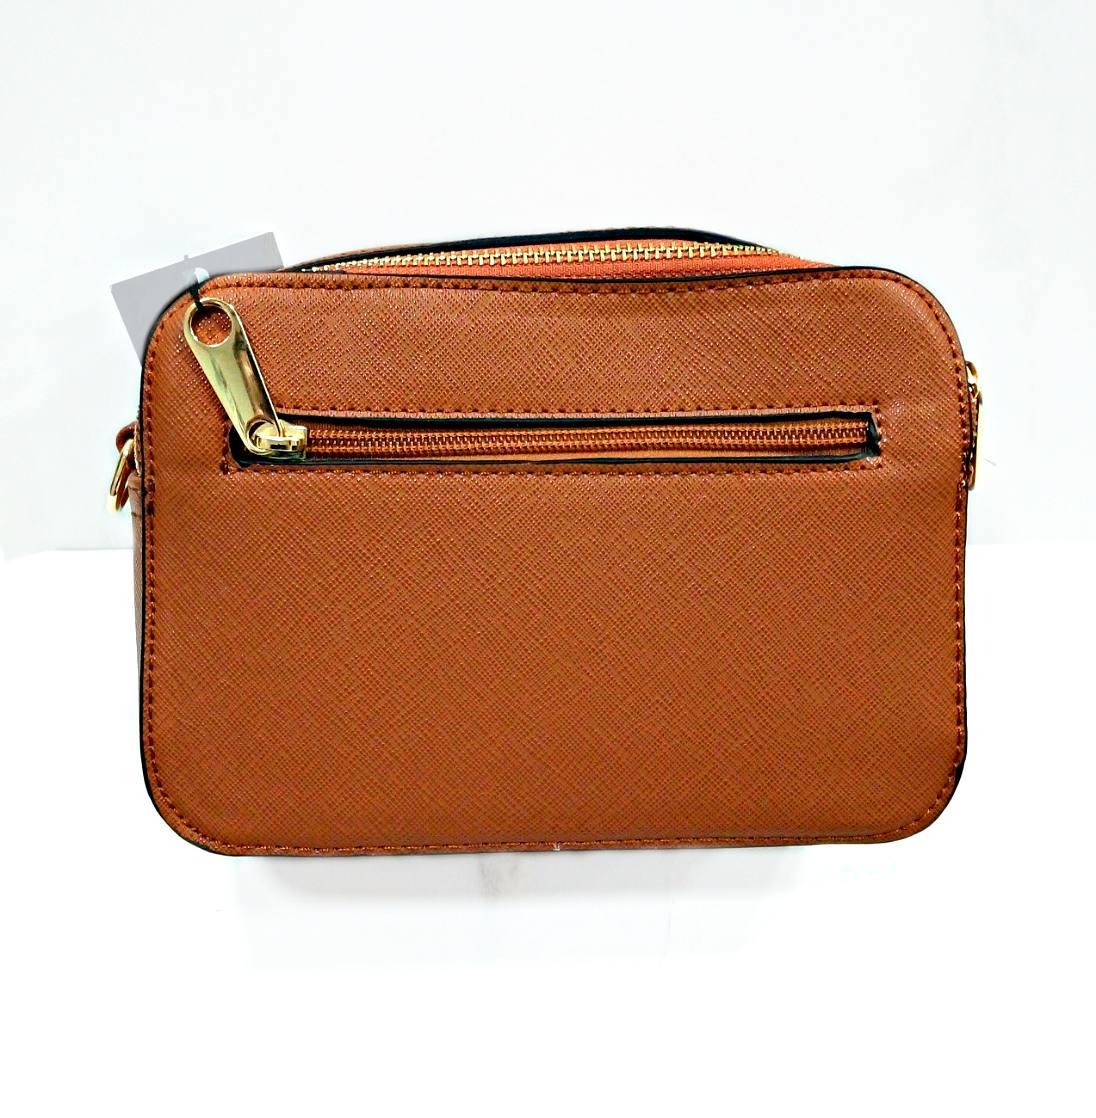 Bolso Elegance marrón.